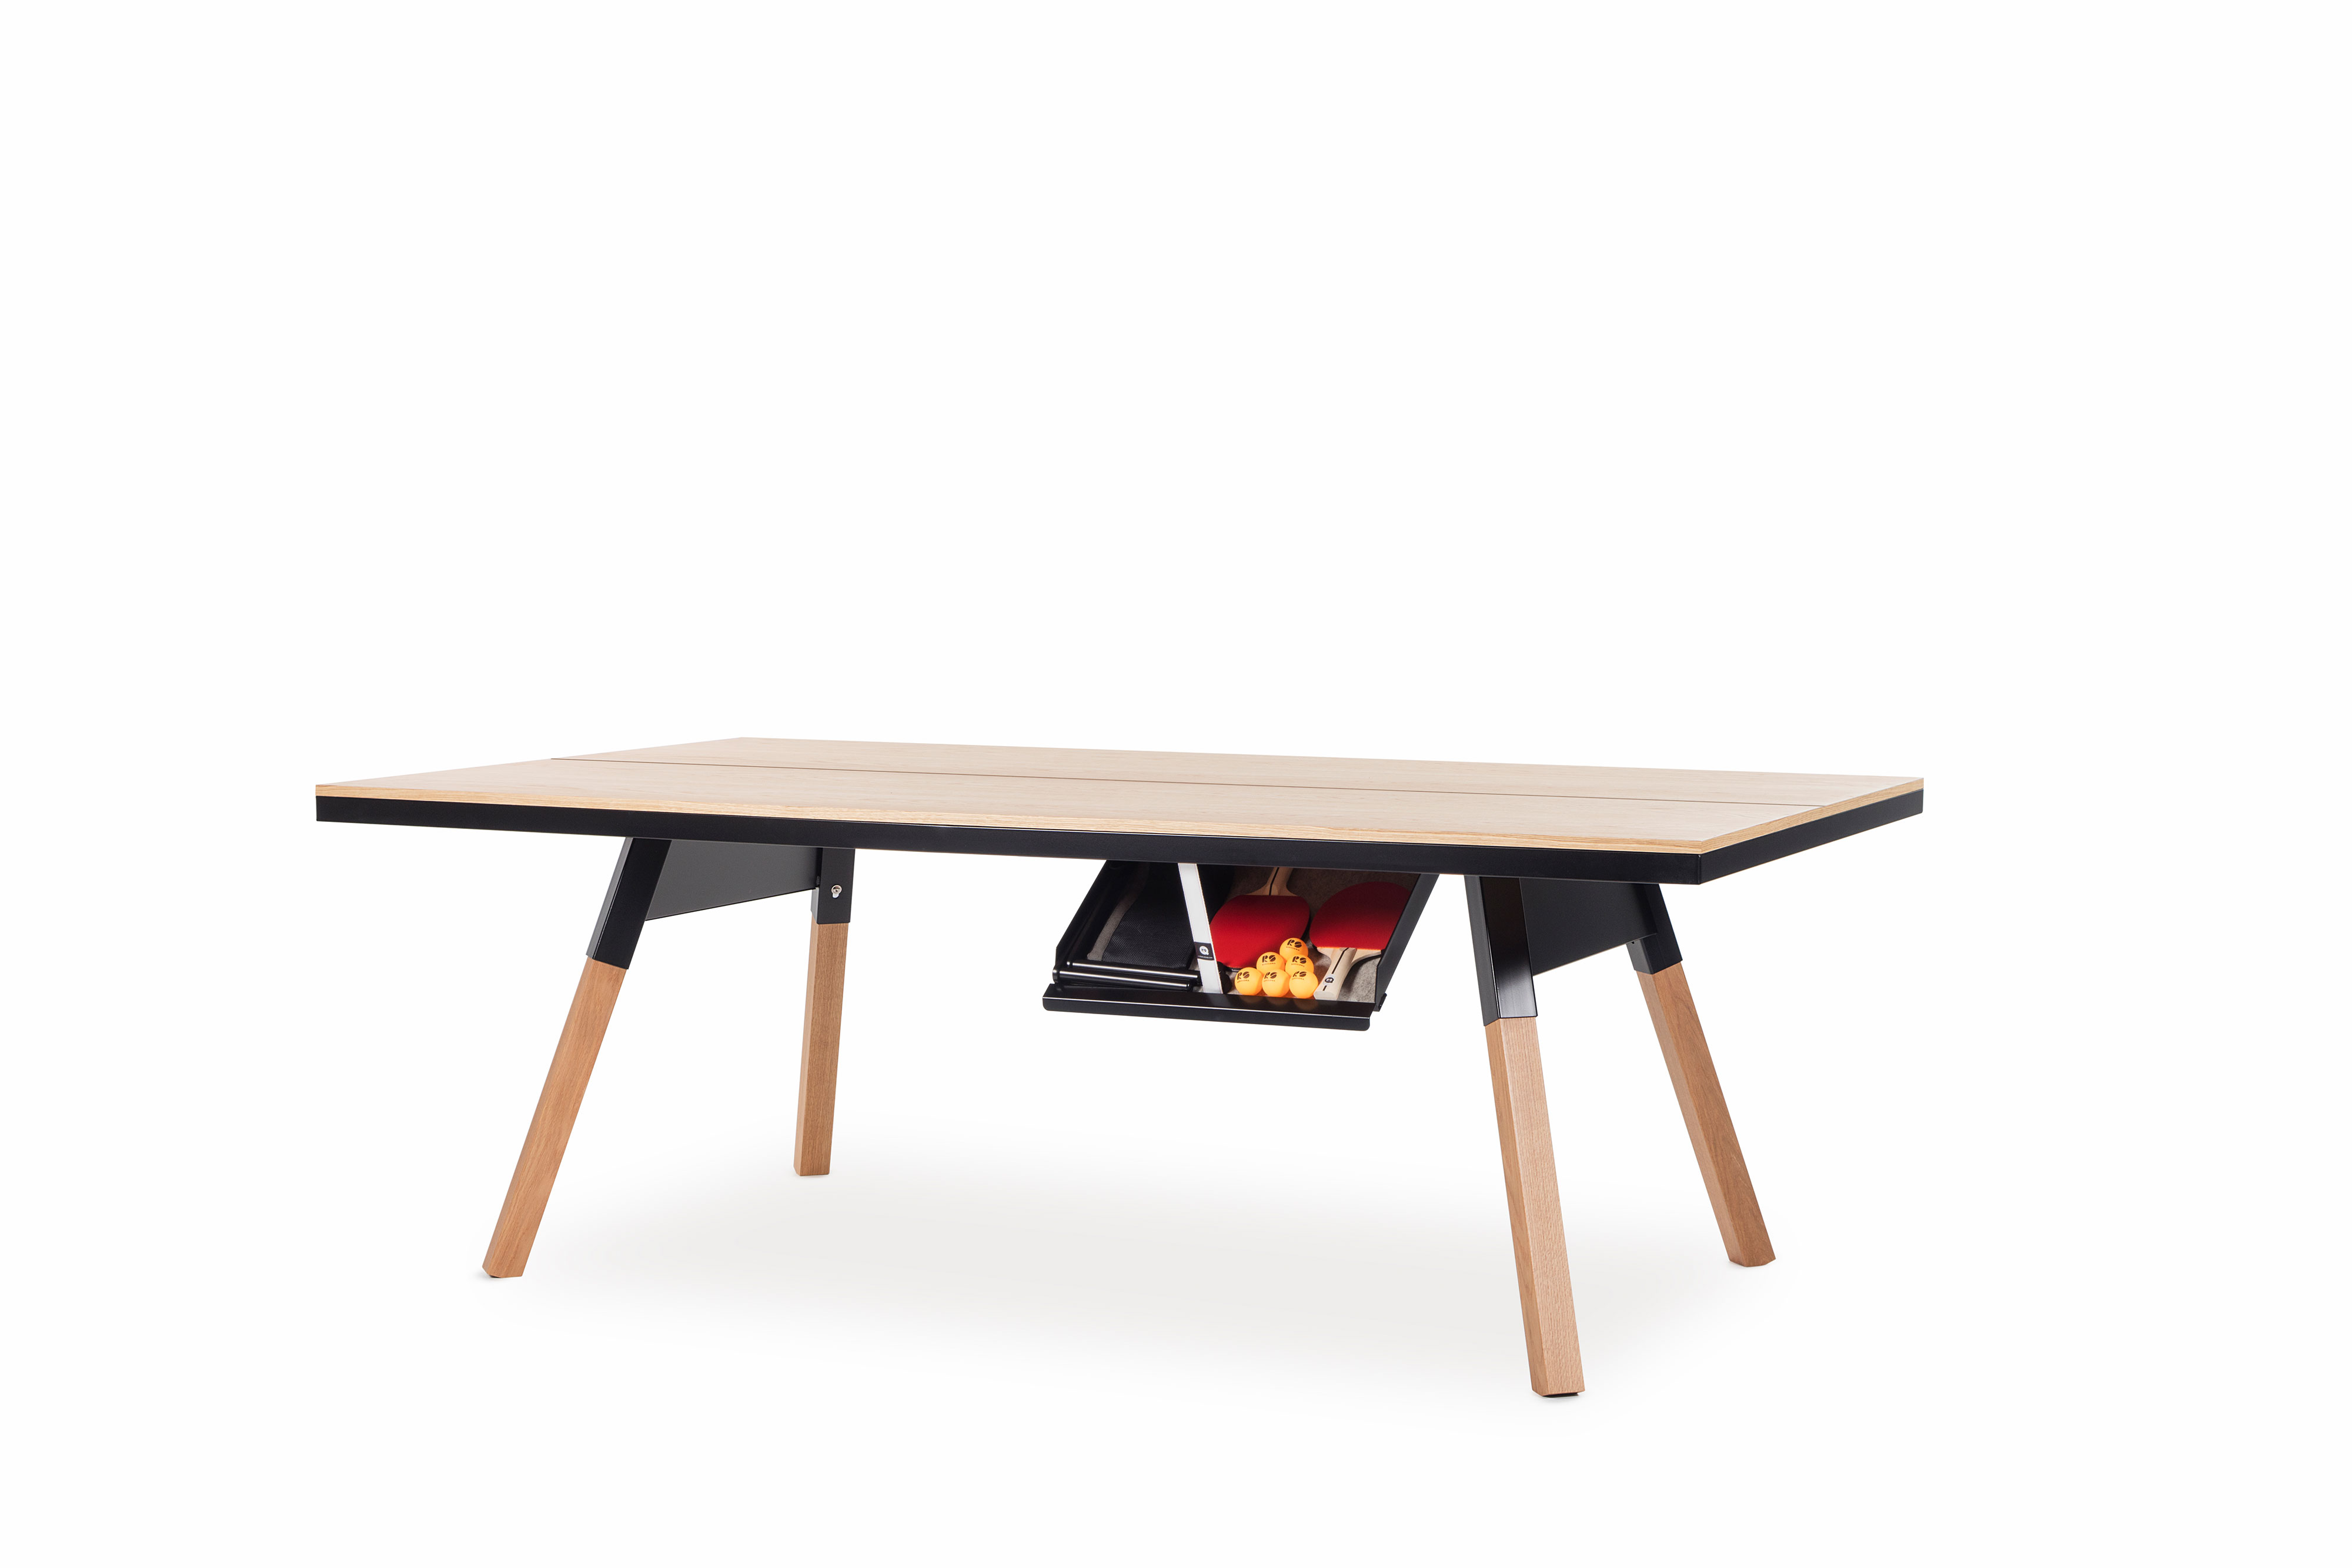 """Tischtennisplatte """"Die Kompakte"""" - Design YM 220 von RS Barcelona"""